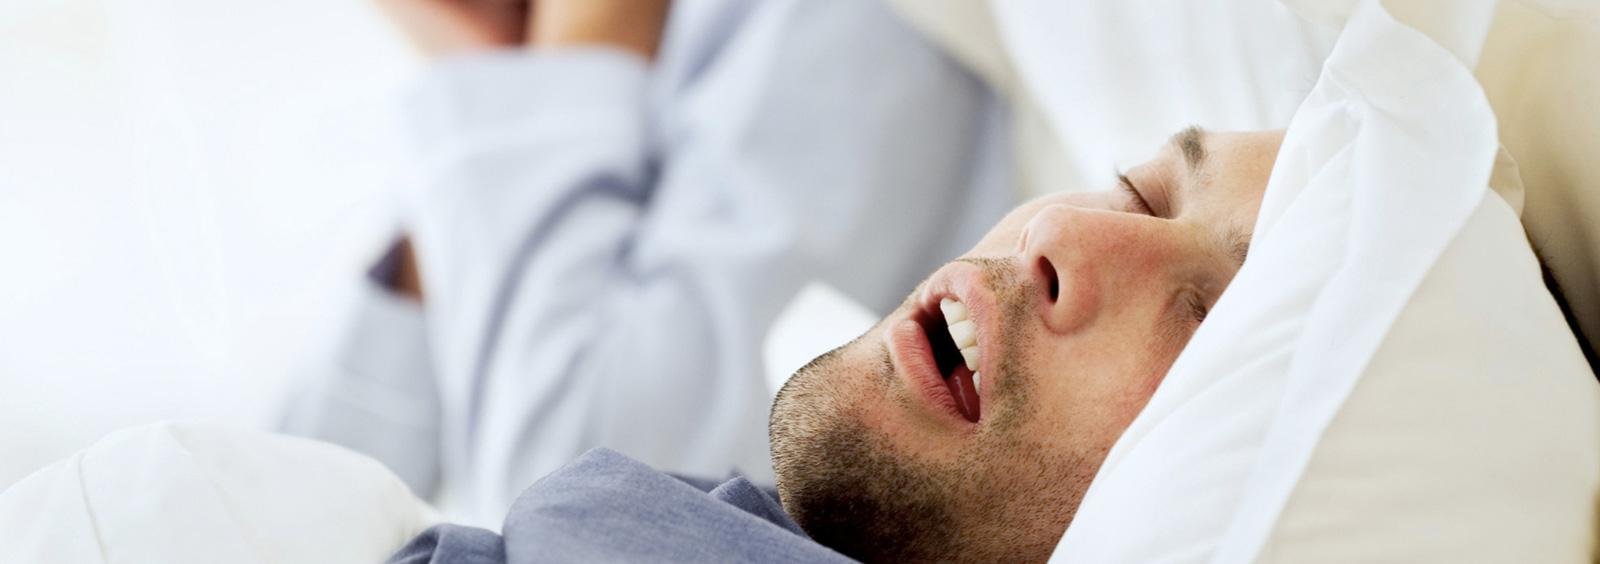 Ortodoncia y <span>Apnea del sueño</span>